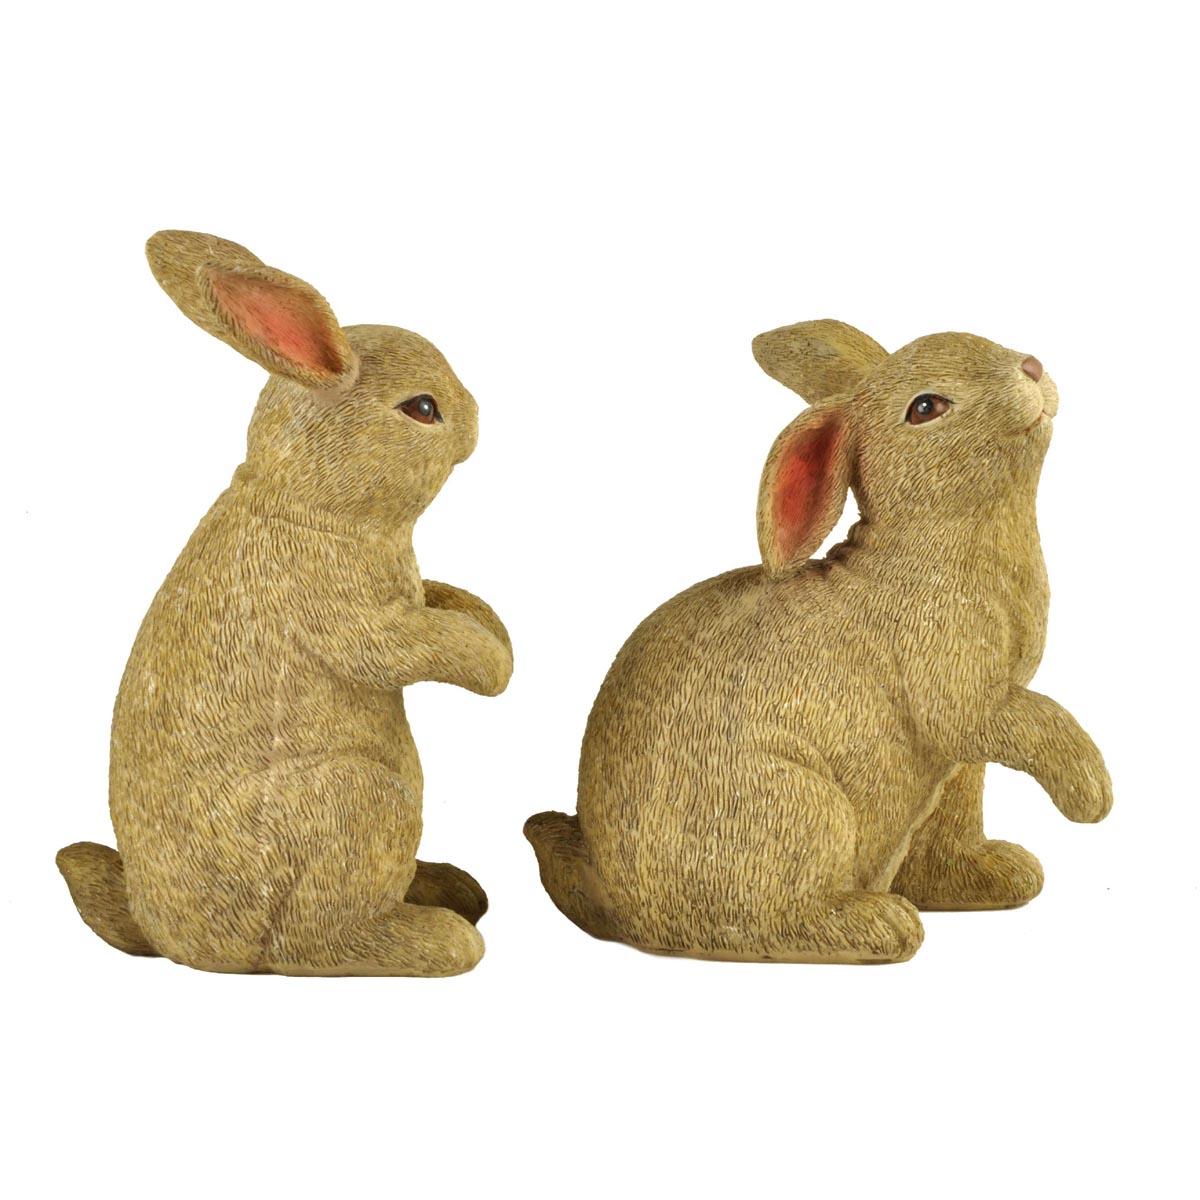 Ennas easter rabbit decor polyresin home decor-2